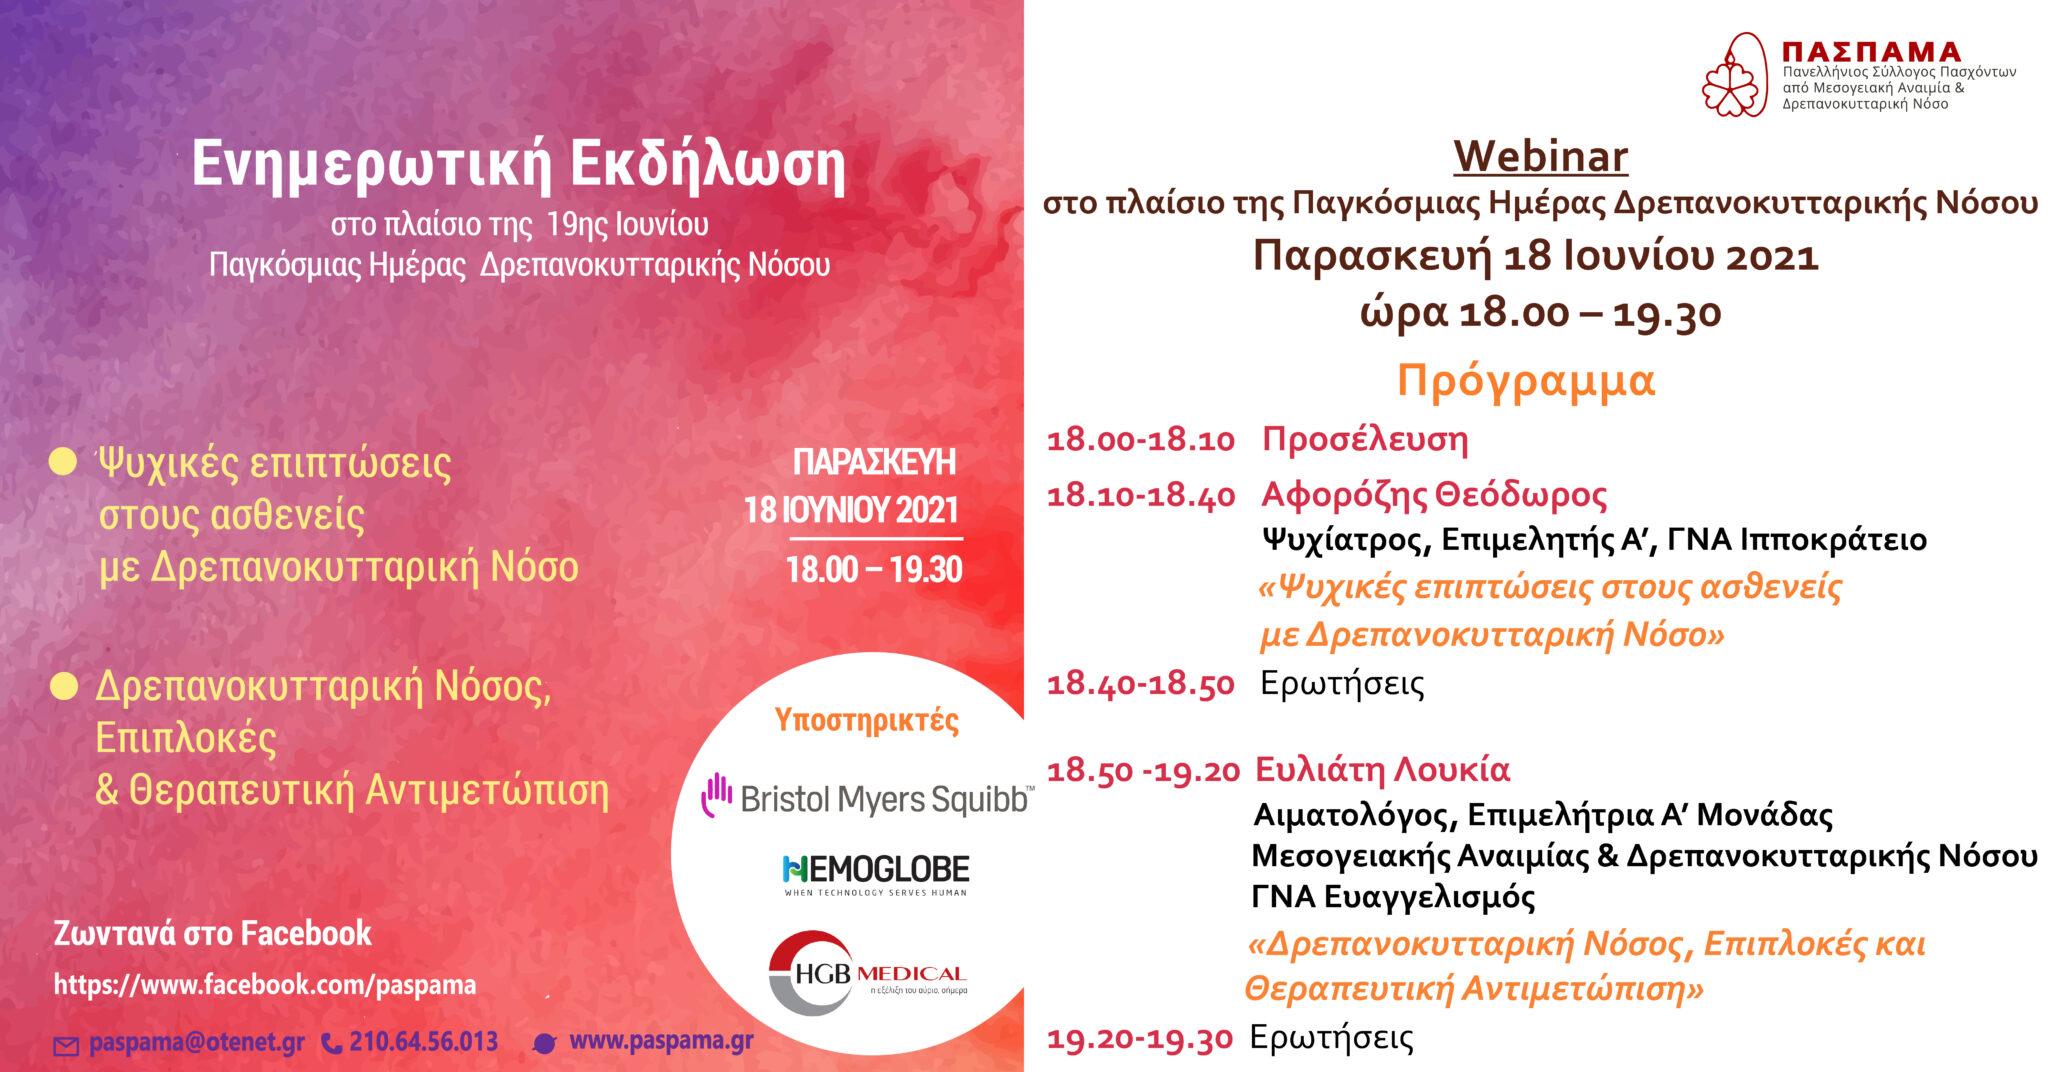 ΠΑΣΠΑΜΑ | Ενημερωτική εκδήλωση στο πλαίσιο της 19ης Παγκόσμιας Ημέρας Δρεπανοκυτταρικής Νόσου